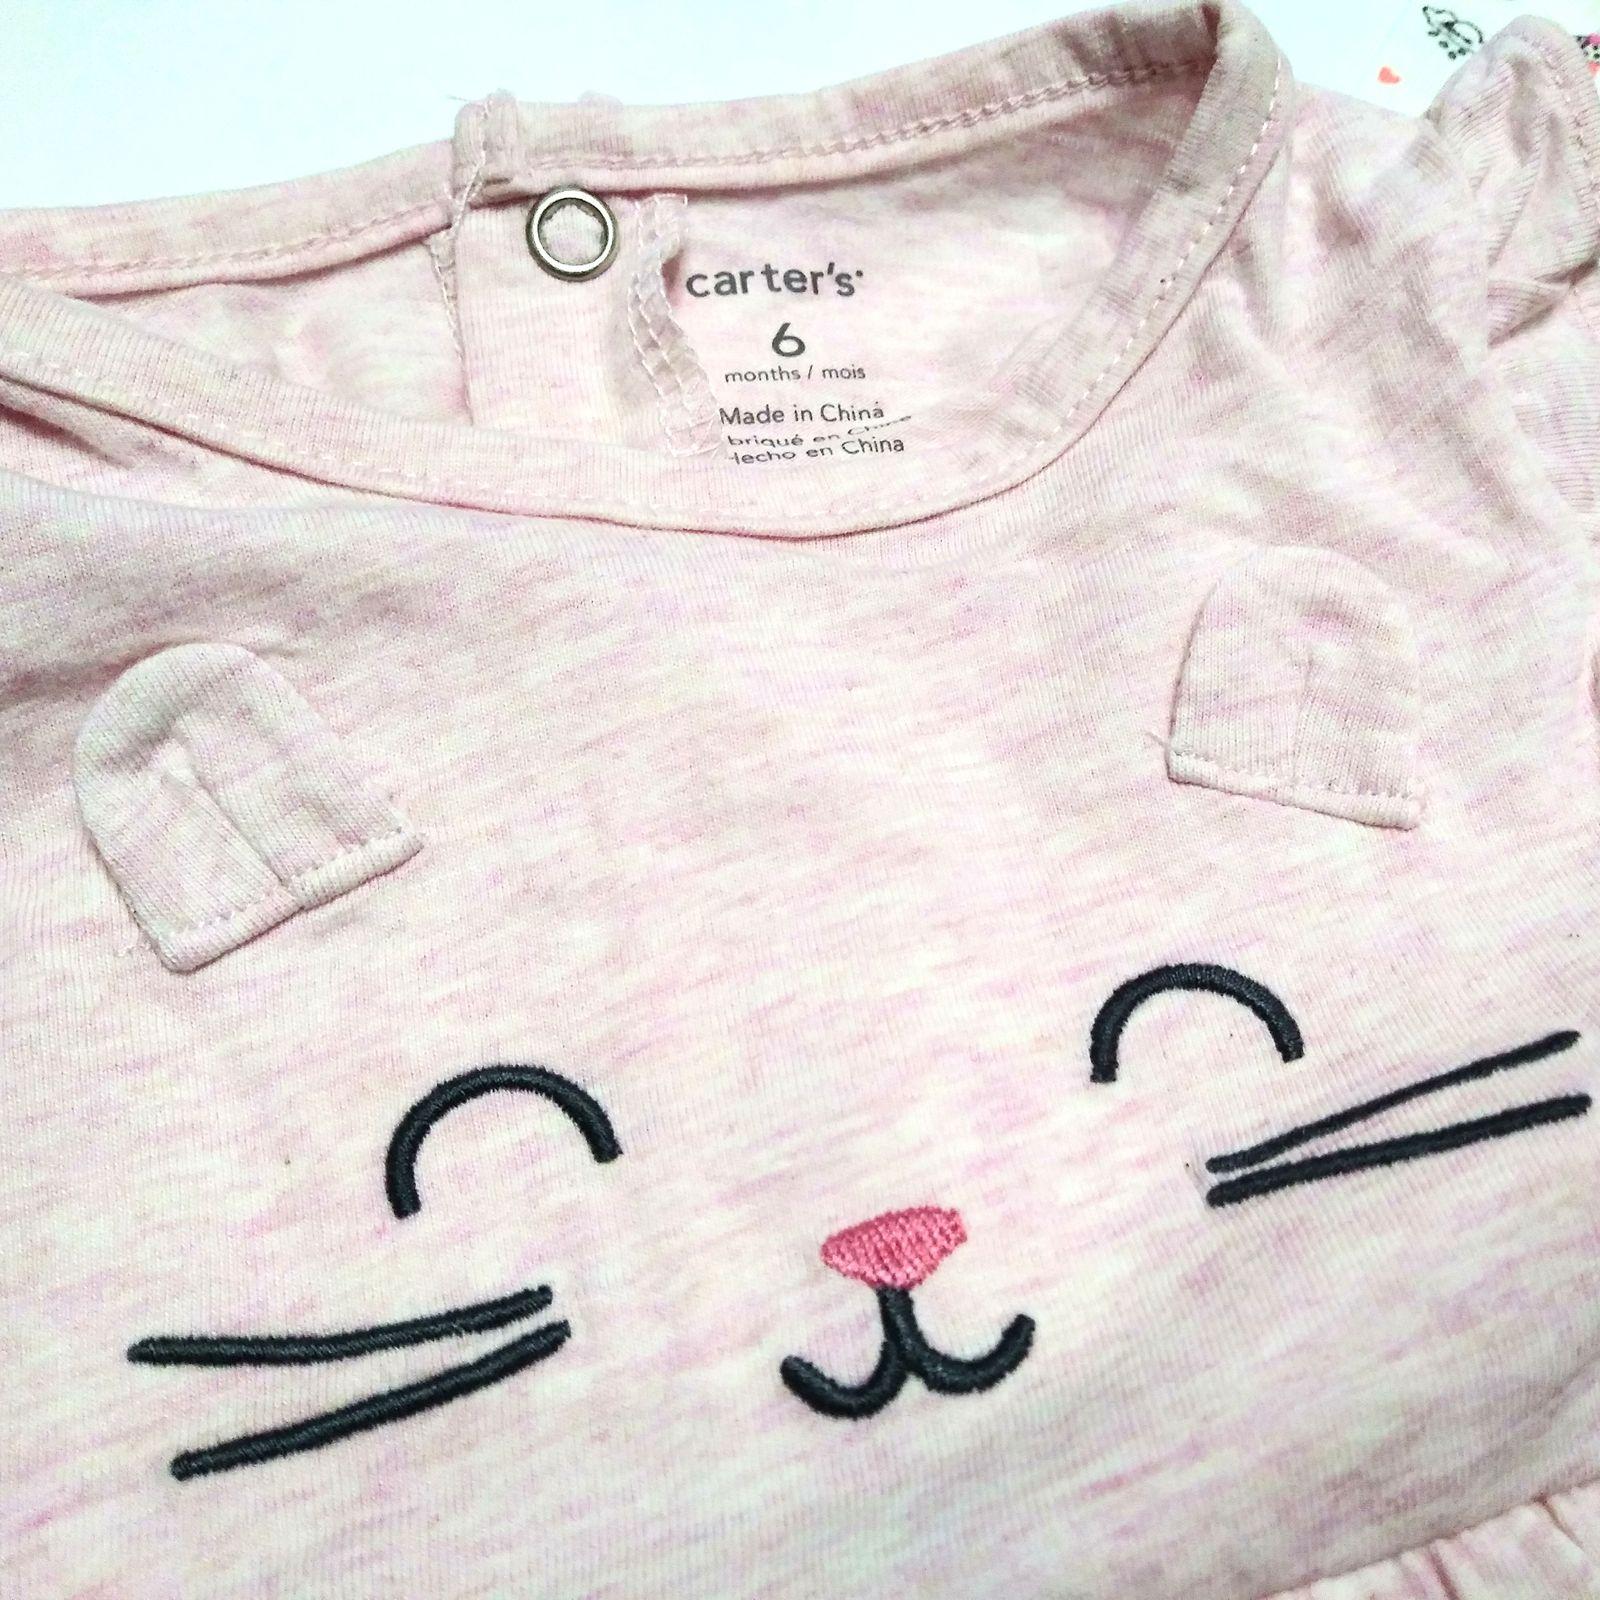 ست کت و پیراهن نوزادی دخترانه کارترز طرح گربه کد M437 -  - 7